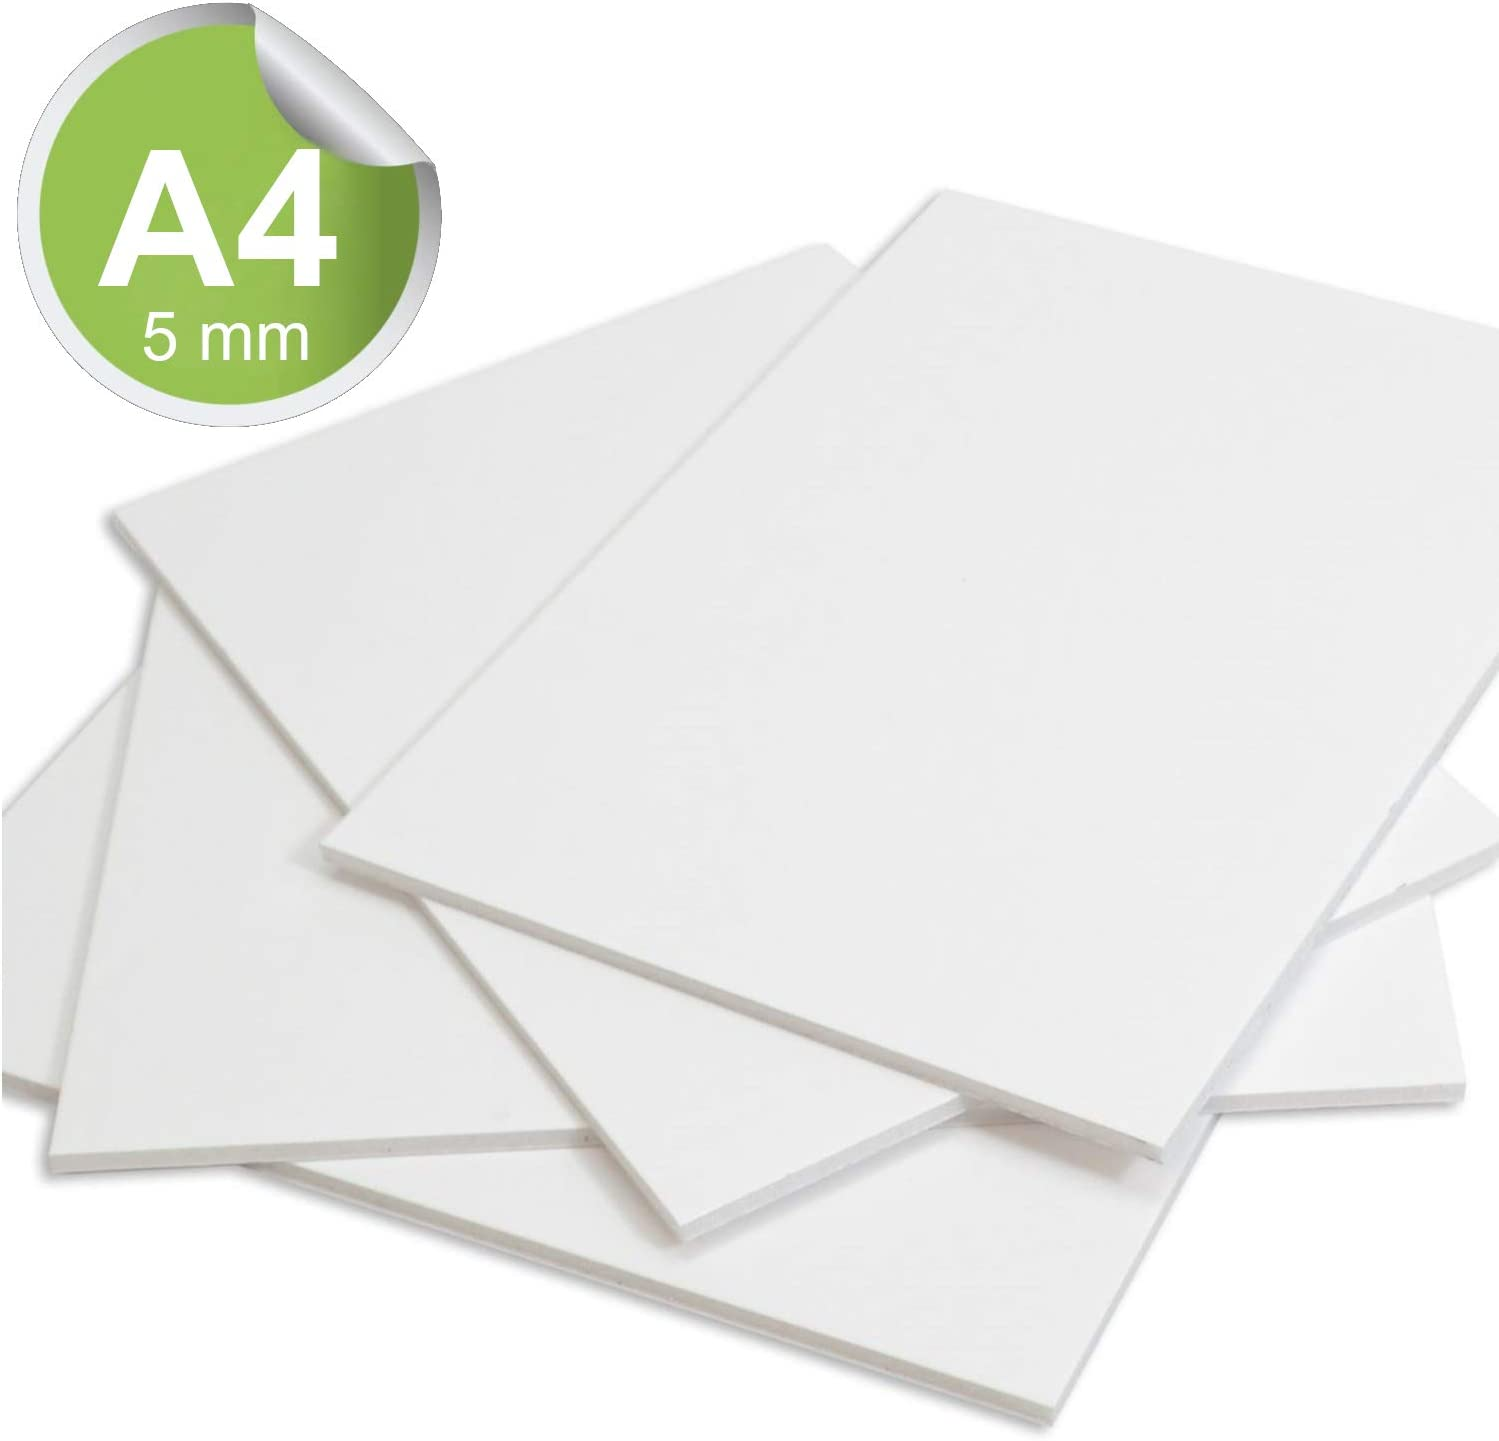 Pack of 5 A4 Foamex Board 5mm Modelling PVC Foam Sign Display Board 210 x 297 mm Photo Mount Sheet